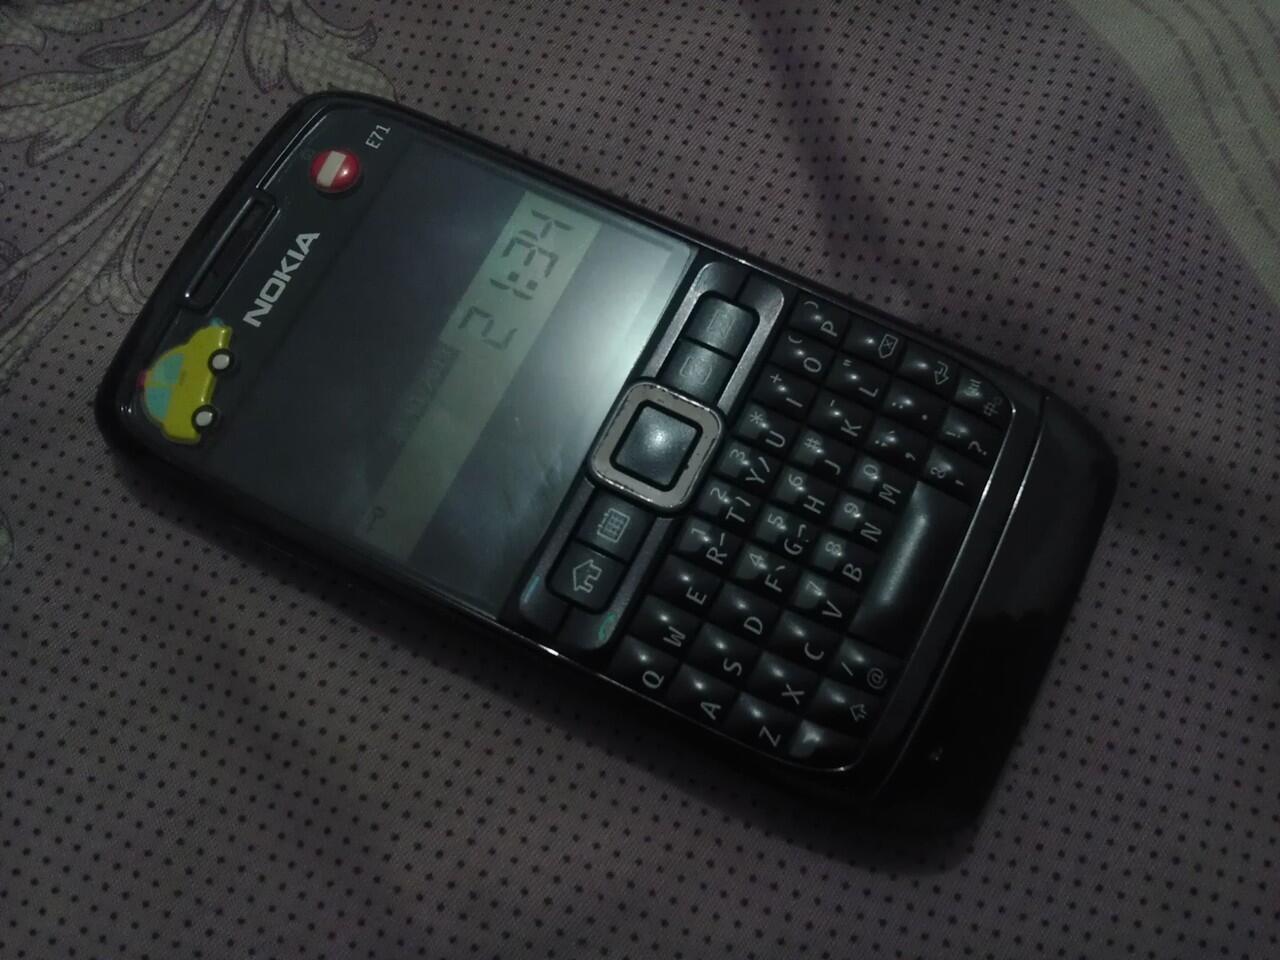 Nokia E71 Second Fullset murah